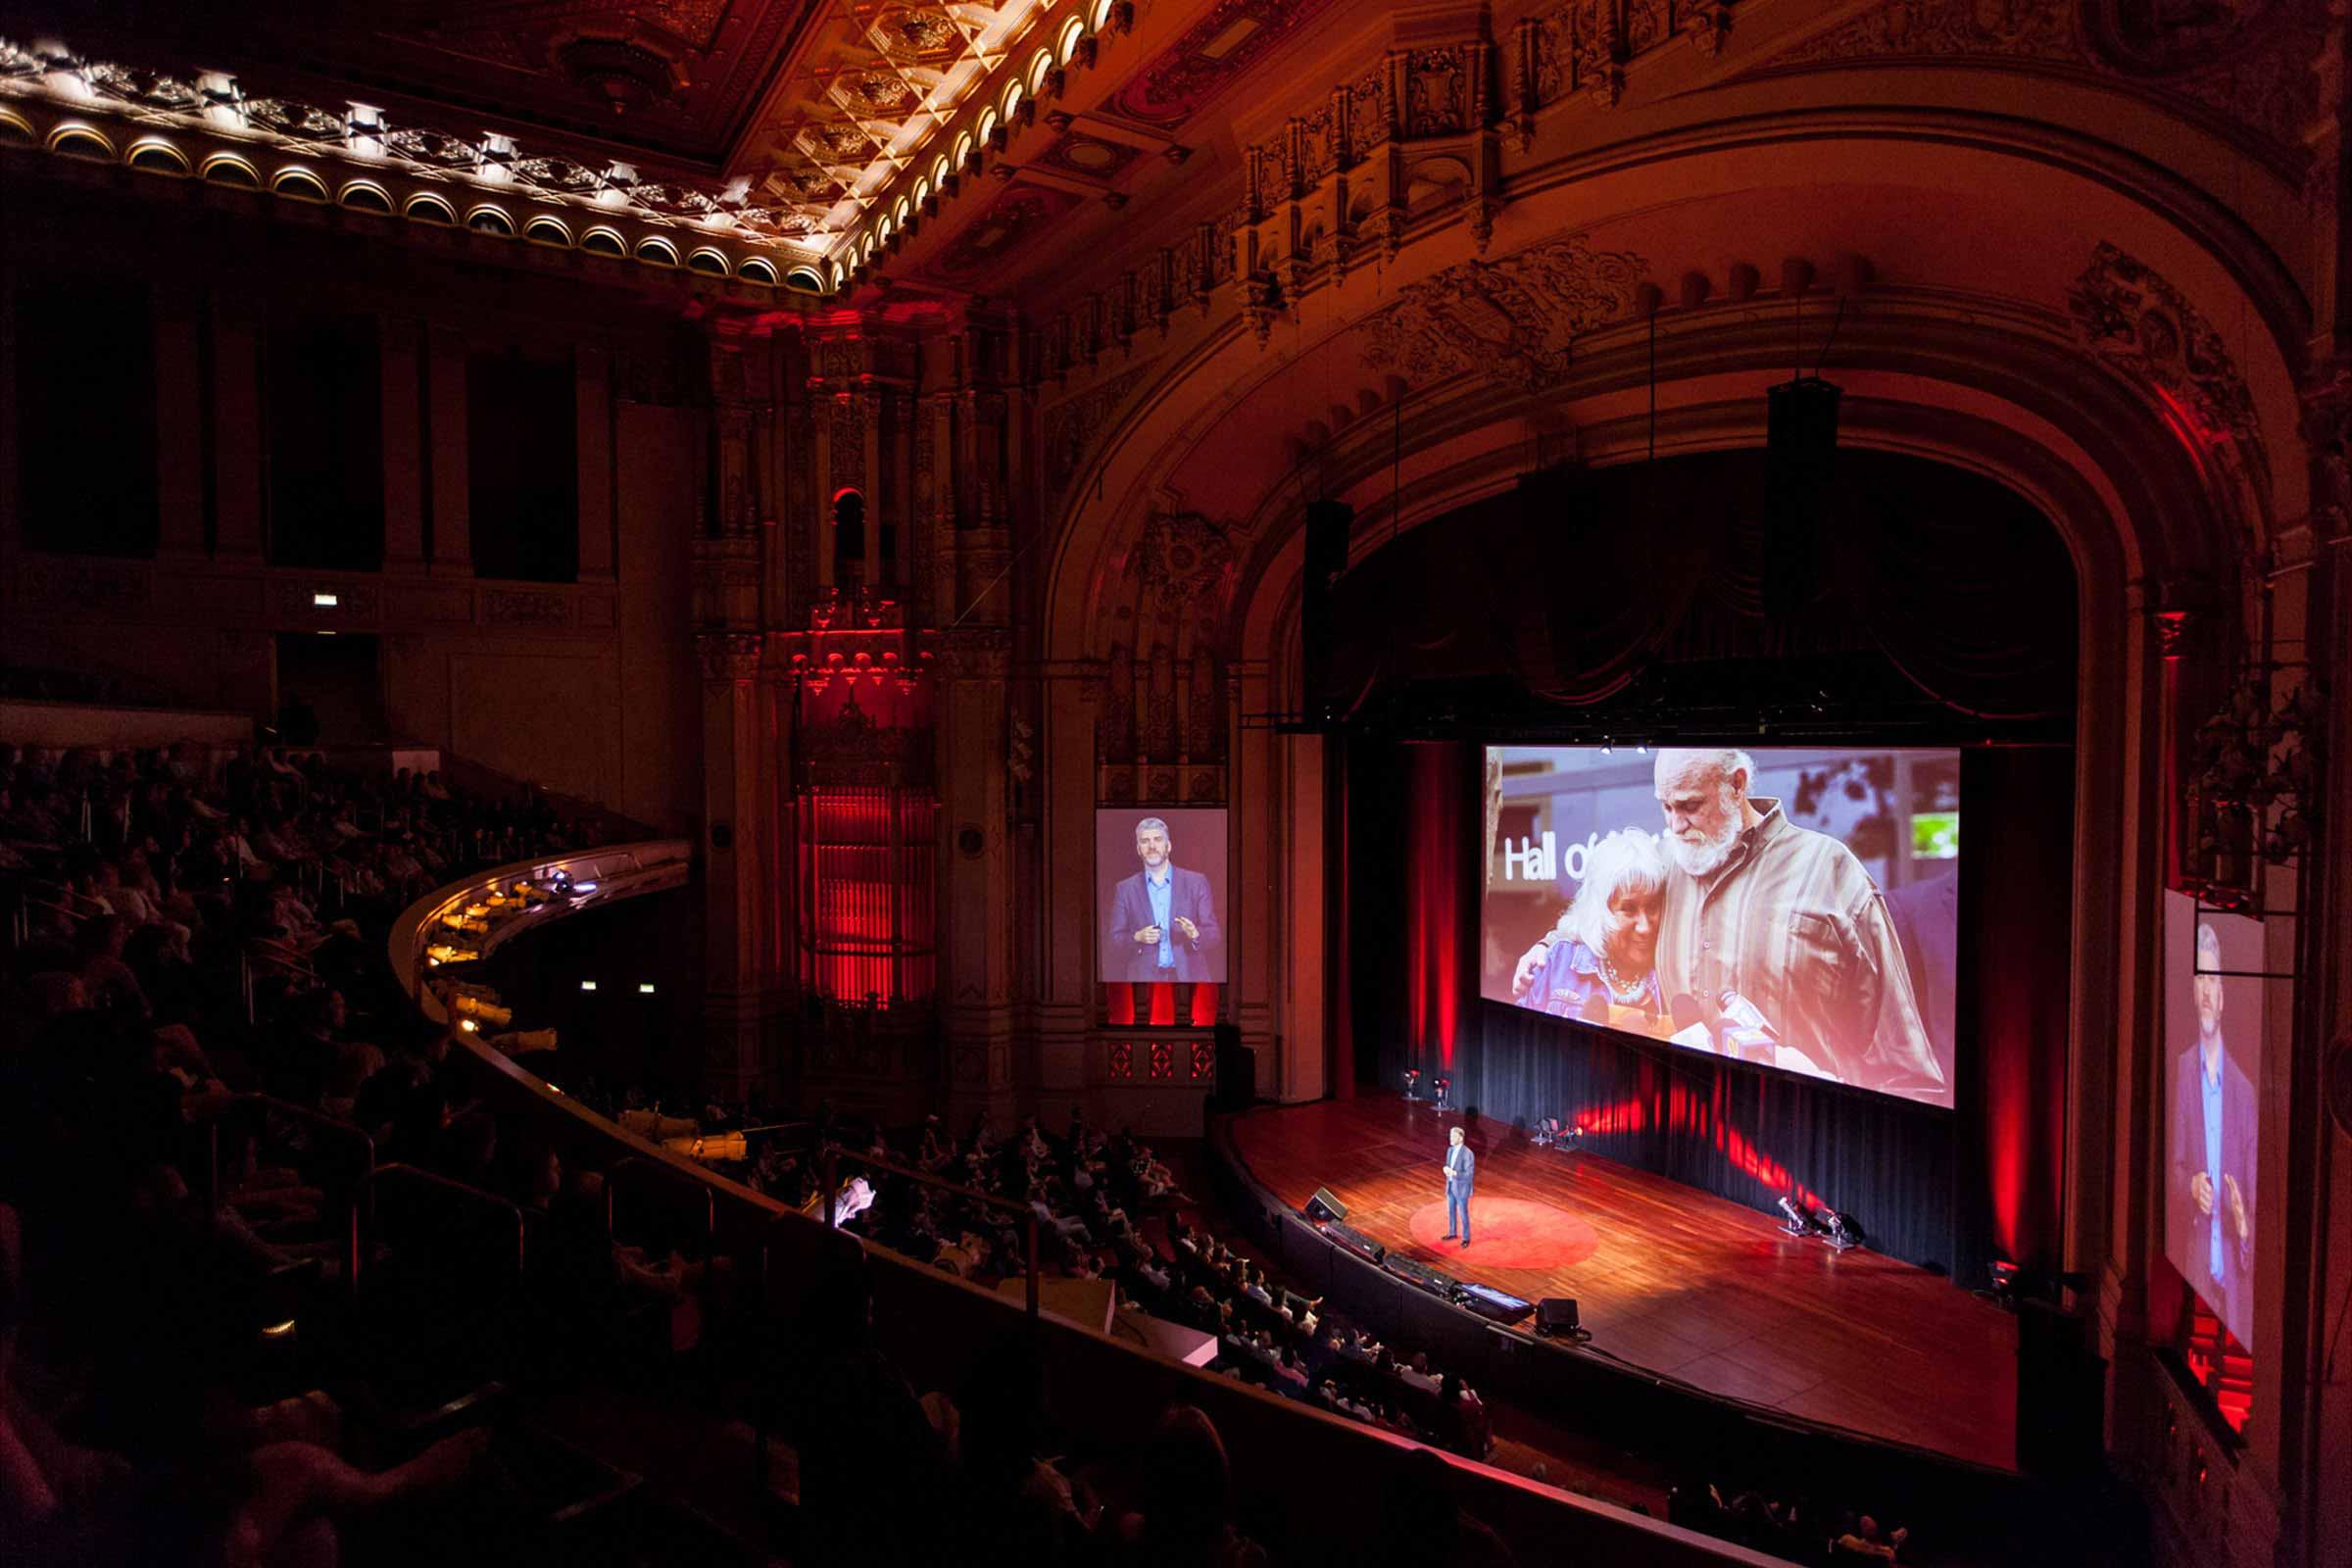 Tedx San Diego Speaker in Auditorium